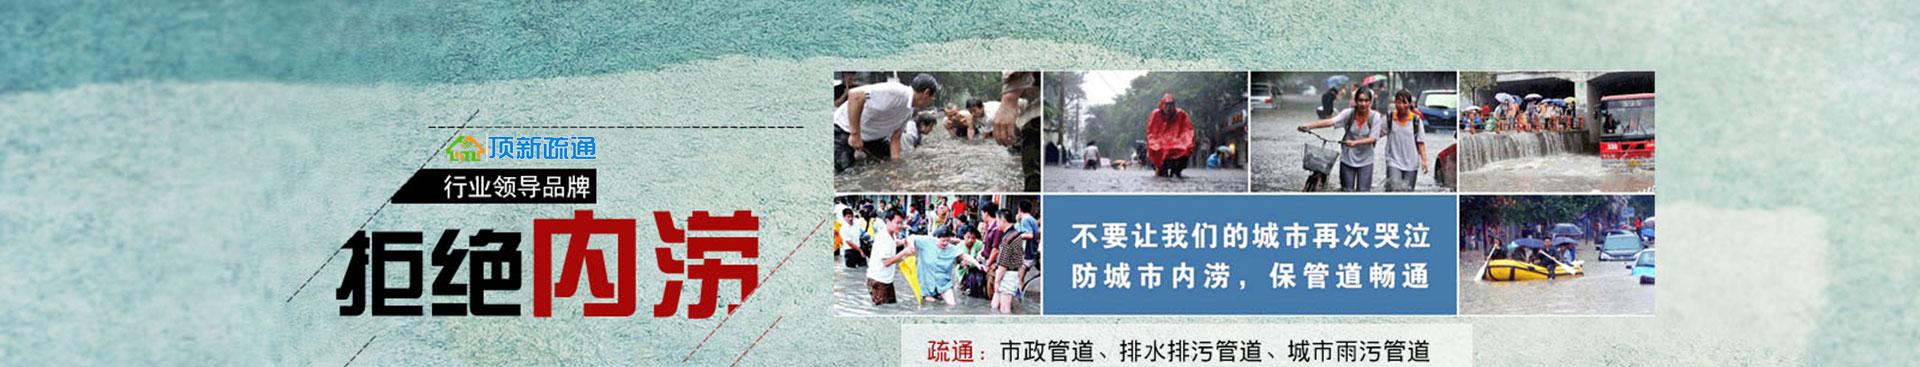 宜昌西陵区管道疏通公司